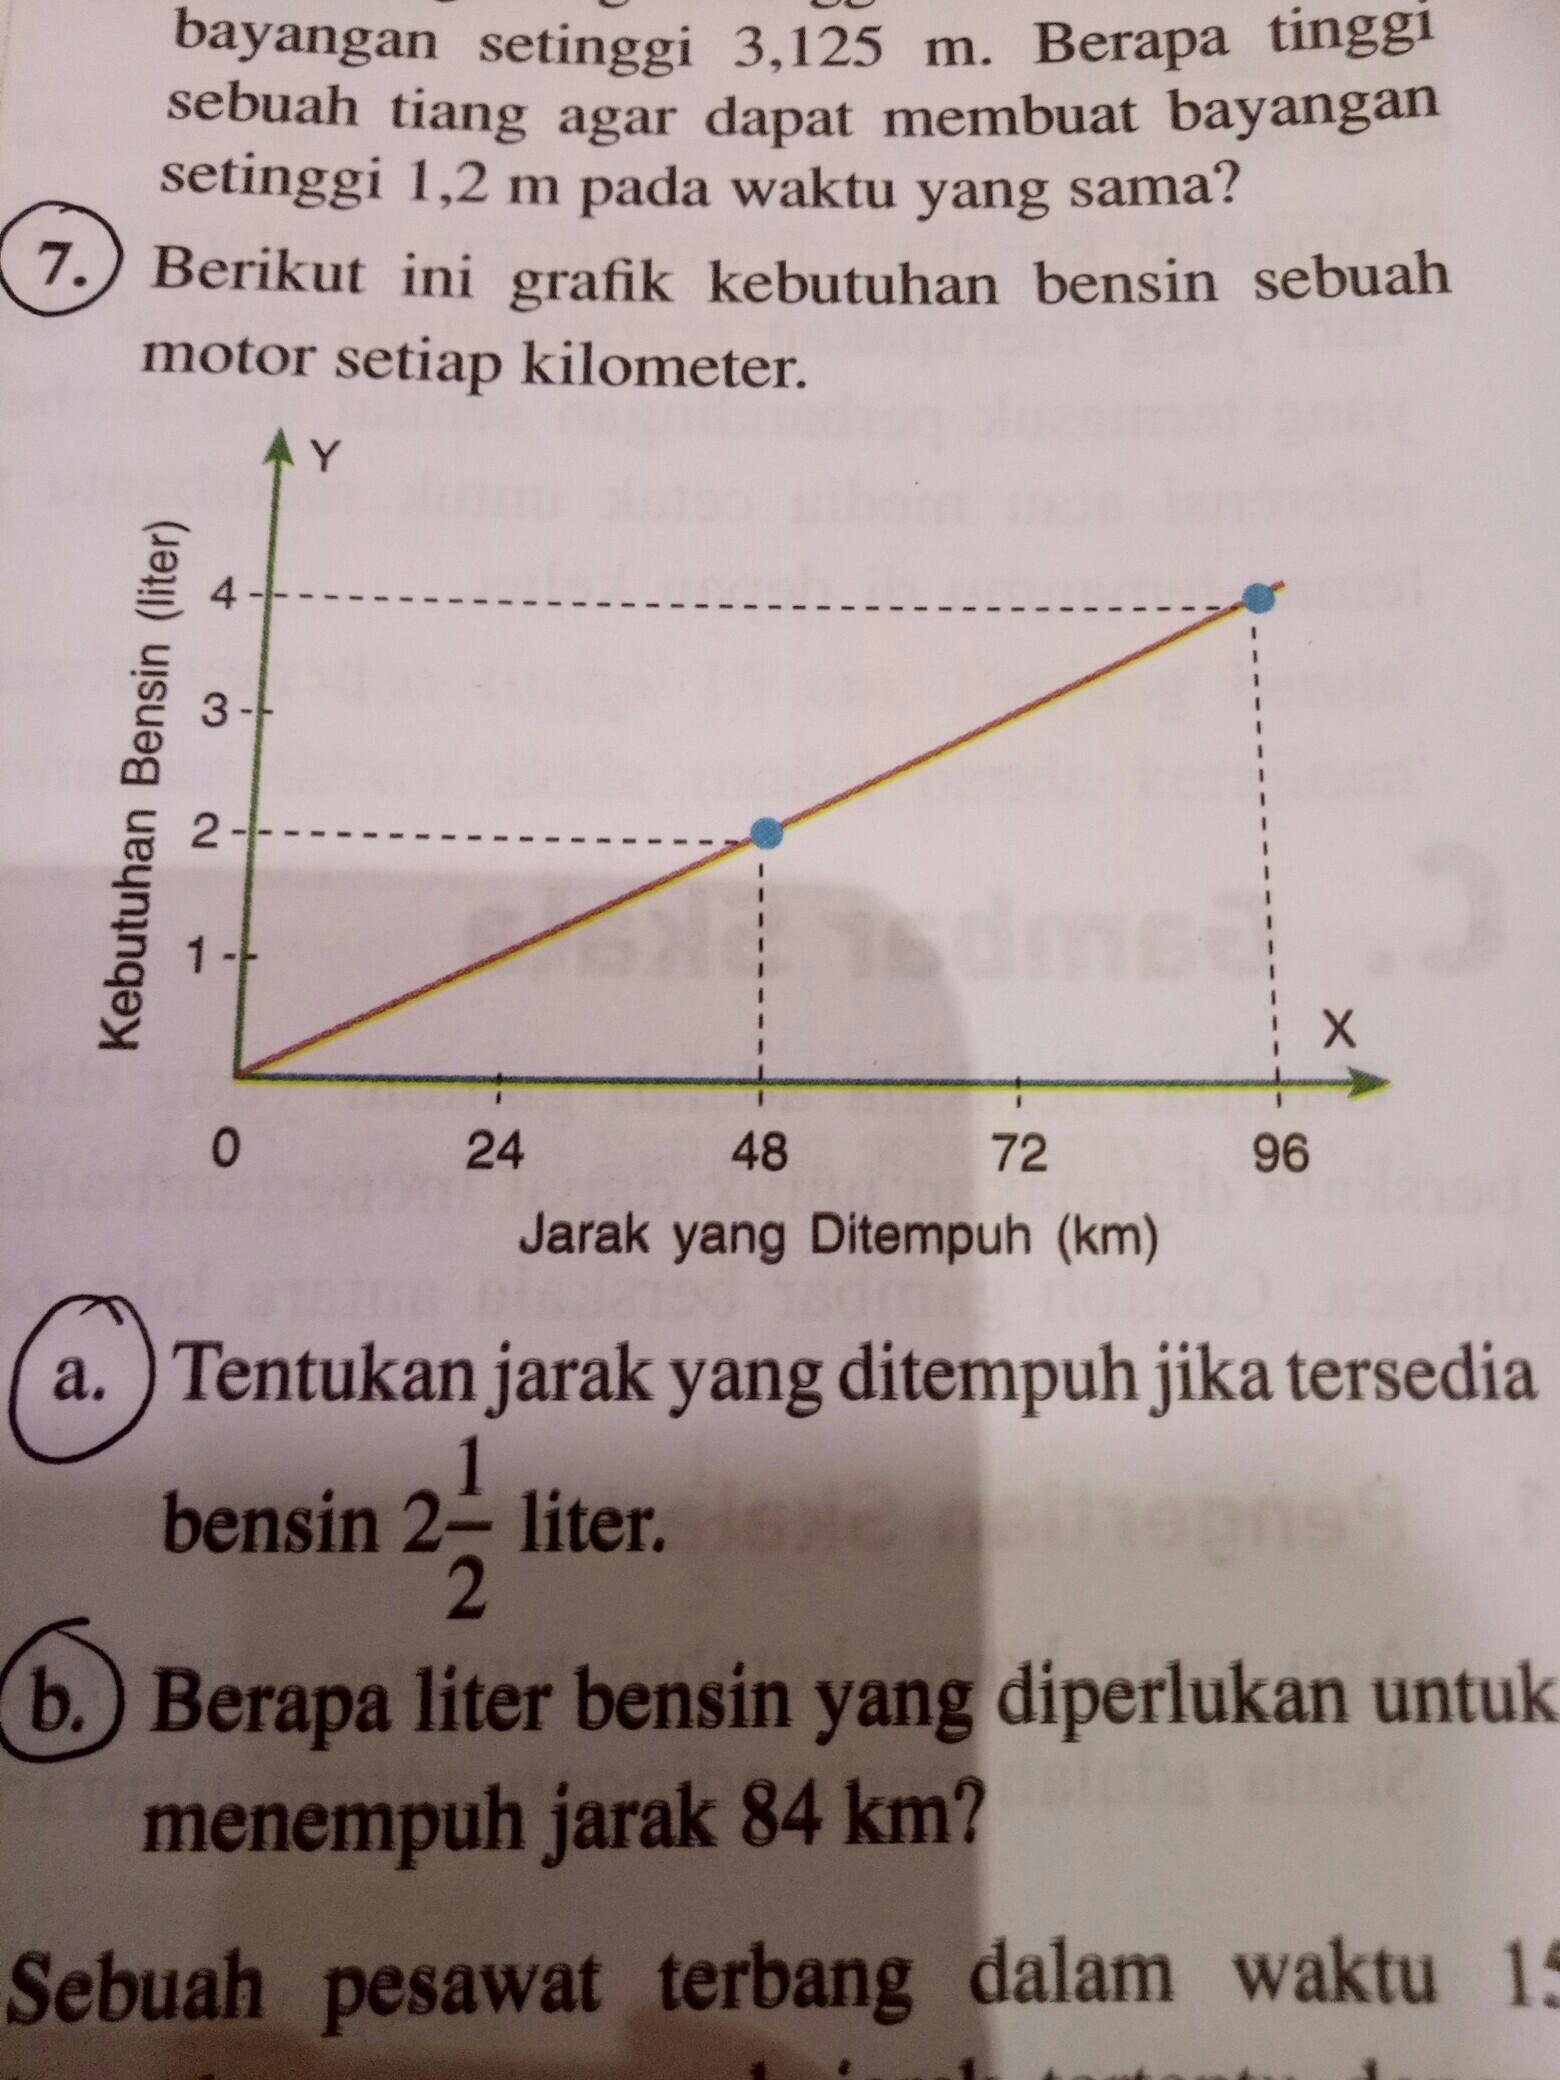 1 Liter Bensin Berapa Km Motor : liter, bensin, berapa, motor, Berikut, Grafik, Kebutuhan, Bensin, Sebuah, Motor, Setiap, Kilometer.a), Tentukan, Jarak, Ditempuh, Brainly.co.id